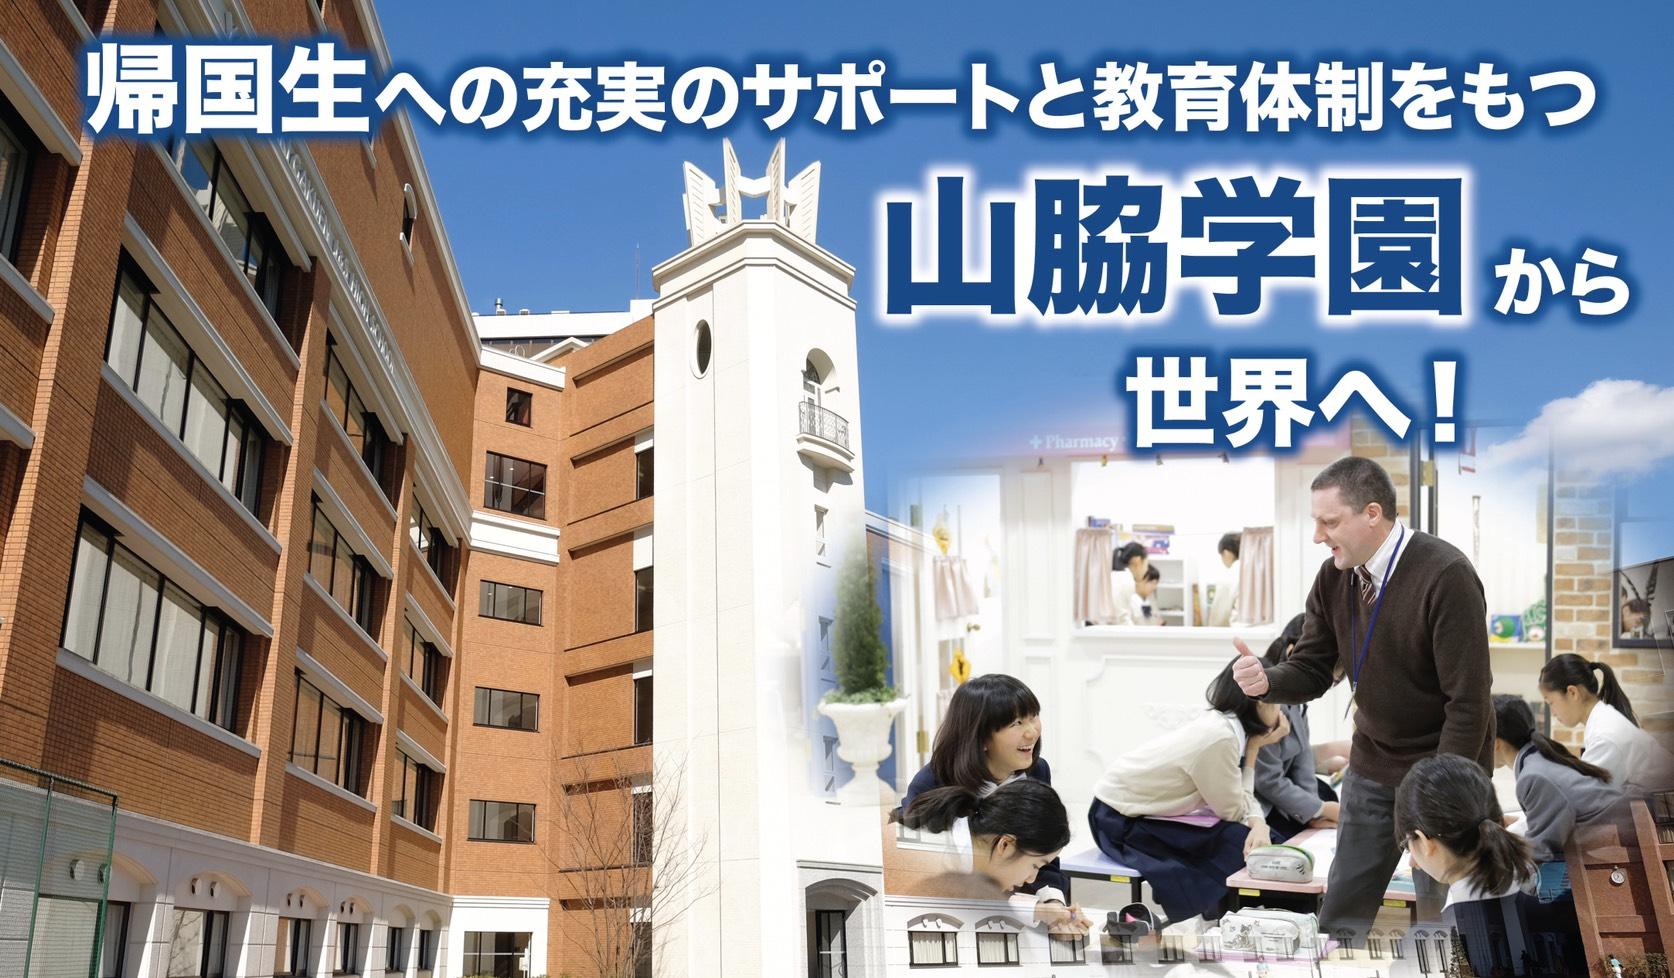 海外在住でも受験できる山脇学園のオンラインの入試。I期出願締め切りは8月17日!